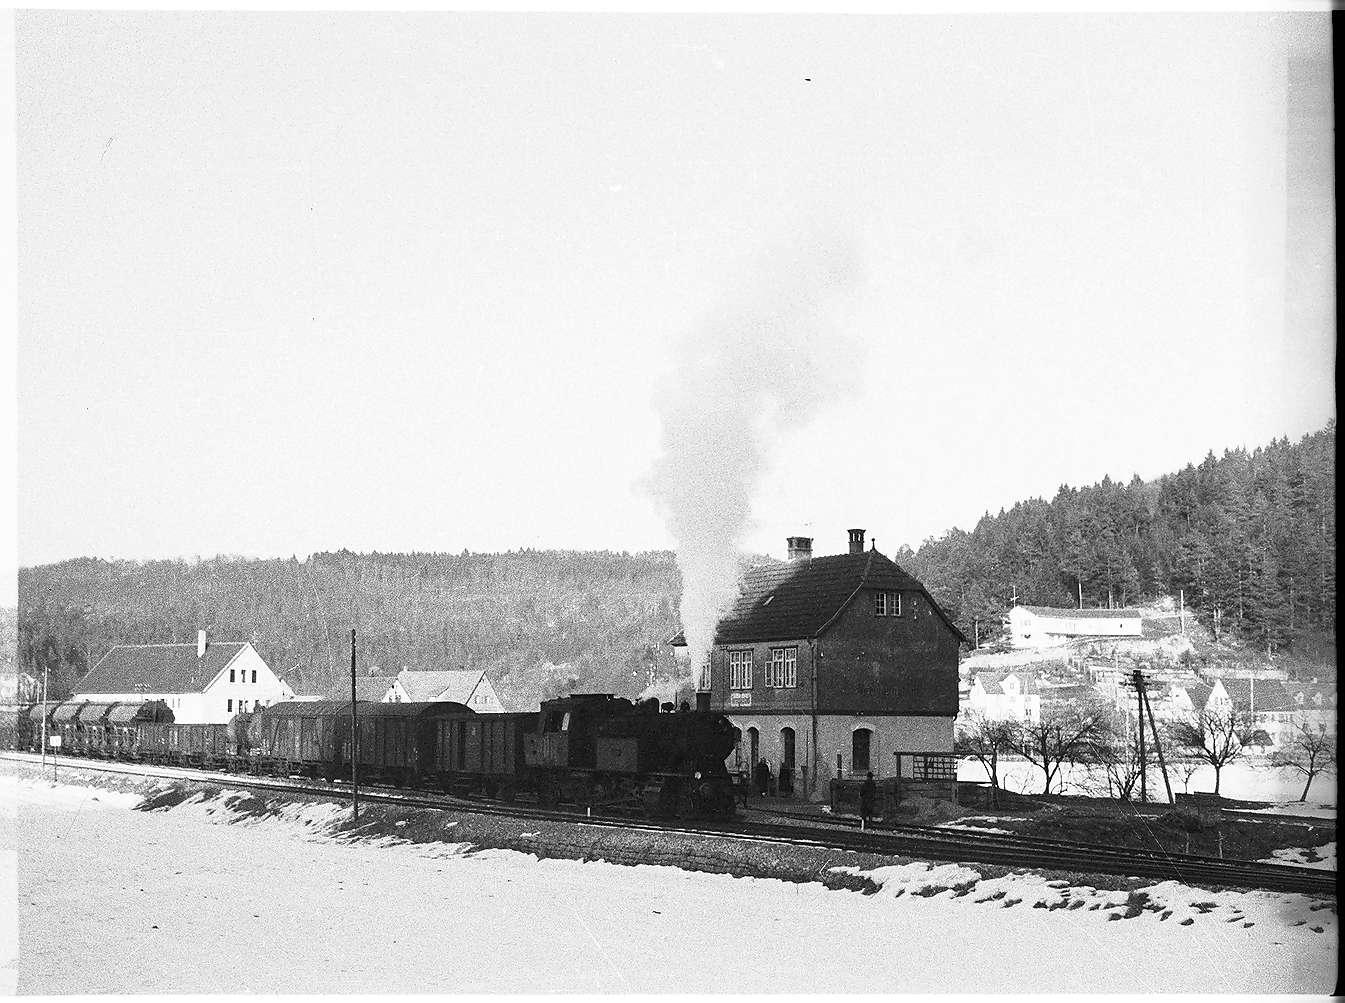 Lok 15 in Veringenstadt, Bahnagent war ab 1956 - 1993 der Niederschlesier Bernhard Karkosz (1925 - 1994), die Fahrkartenausgabe bestand bis 2002, seitdem Fahrkartenautomaten, Bild 1